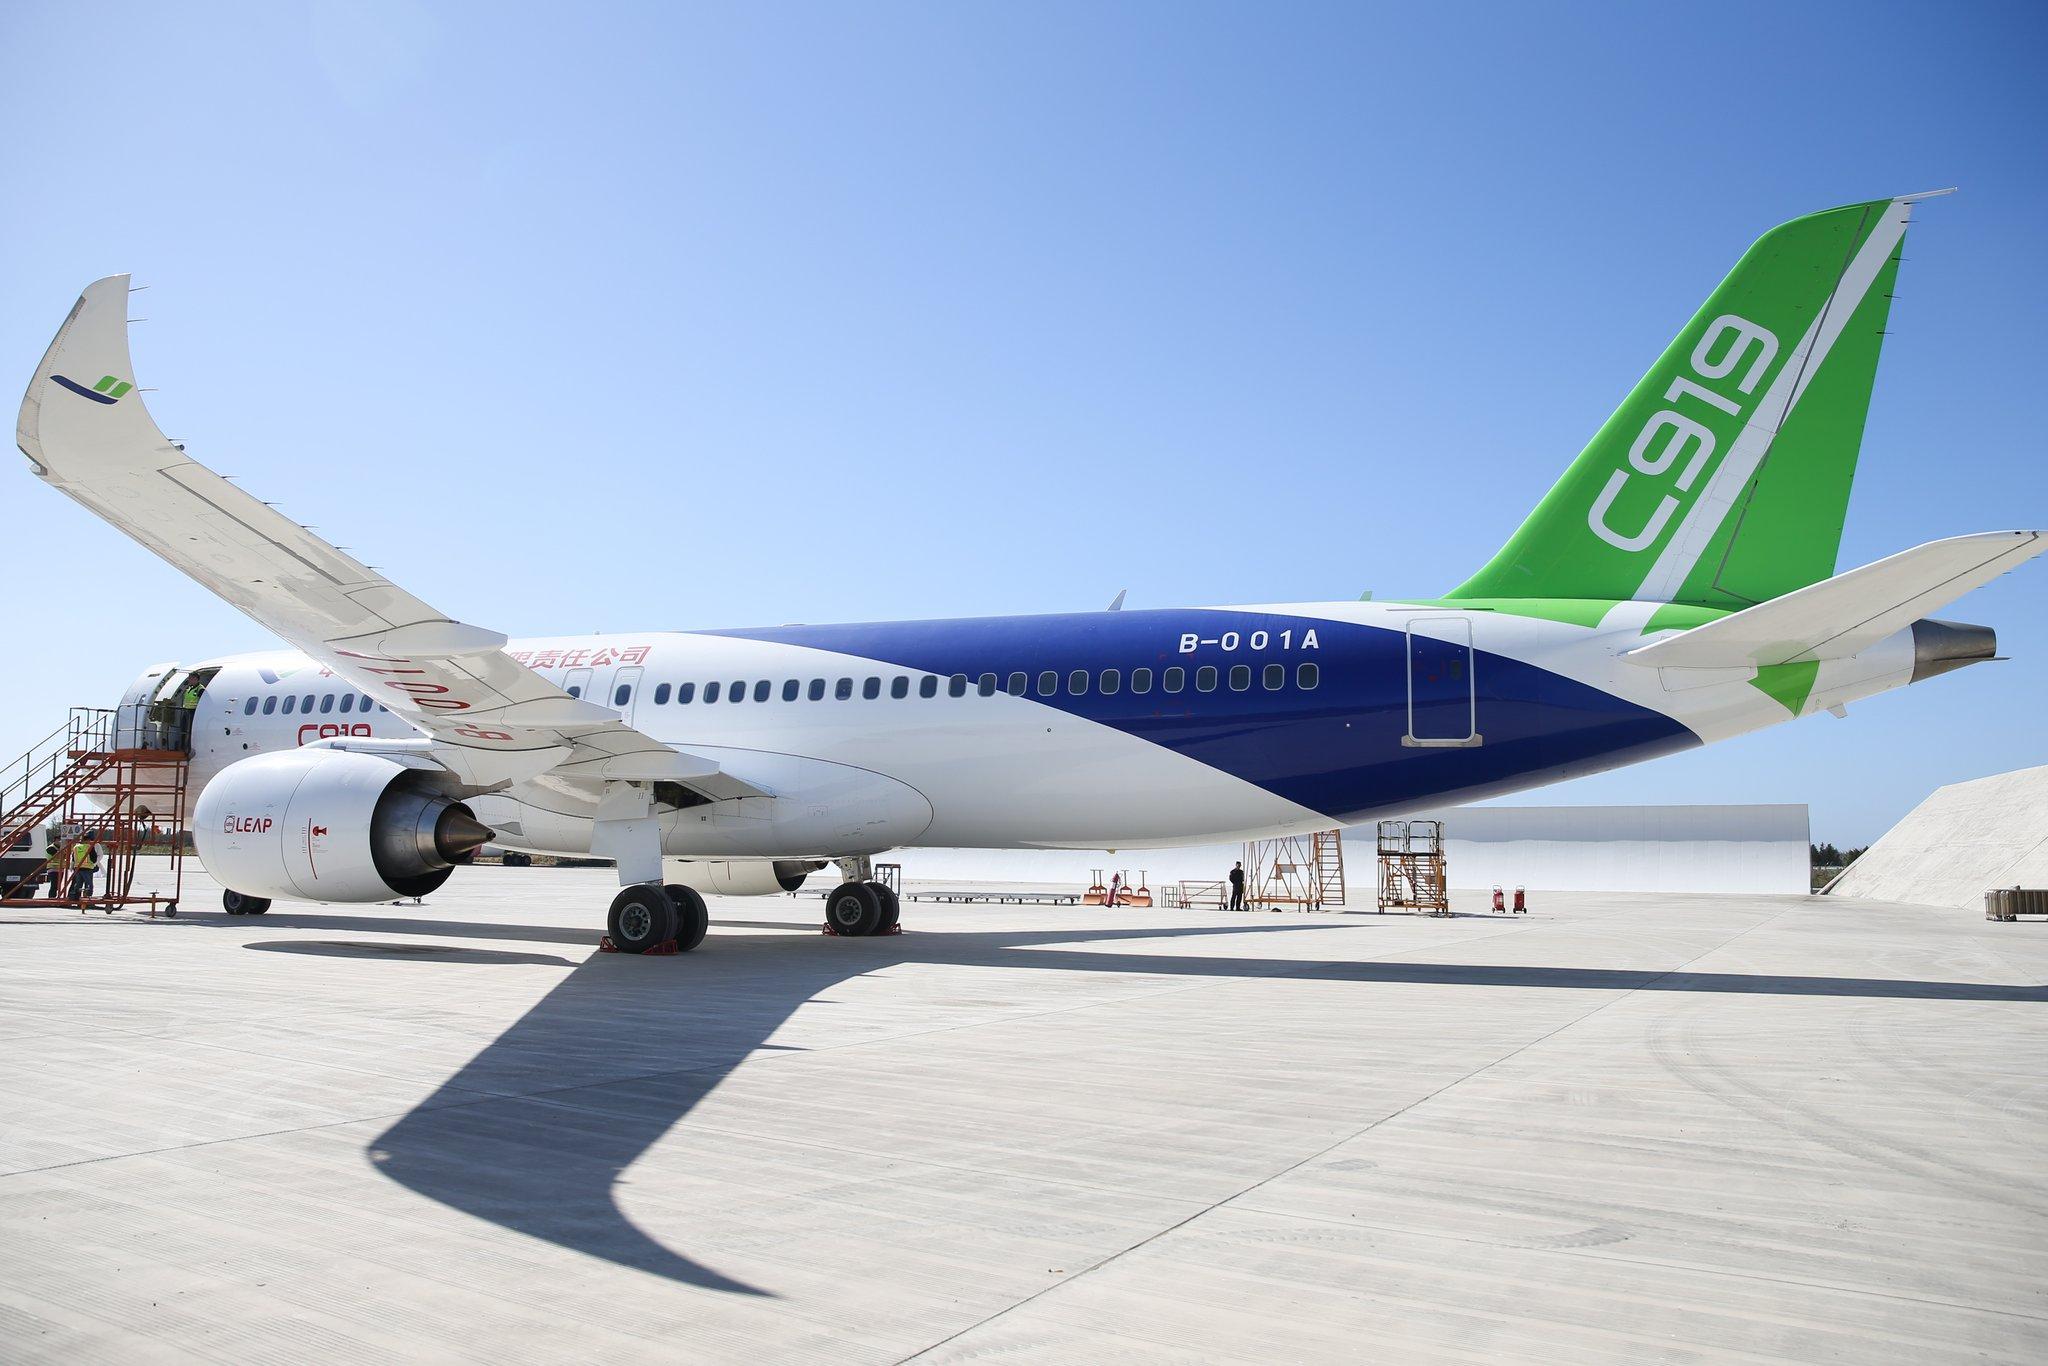 Planean operación de vuelos comerciales de pasajeros de avión C919 chino en 2021